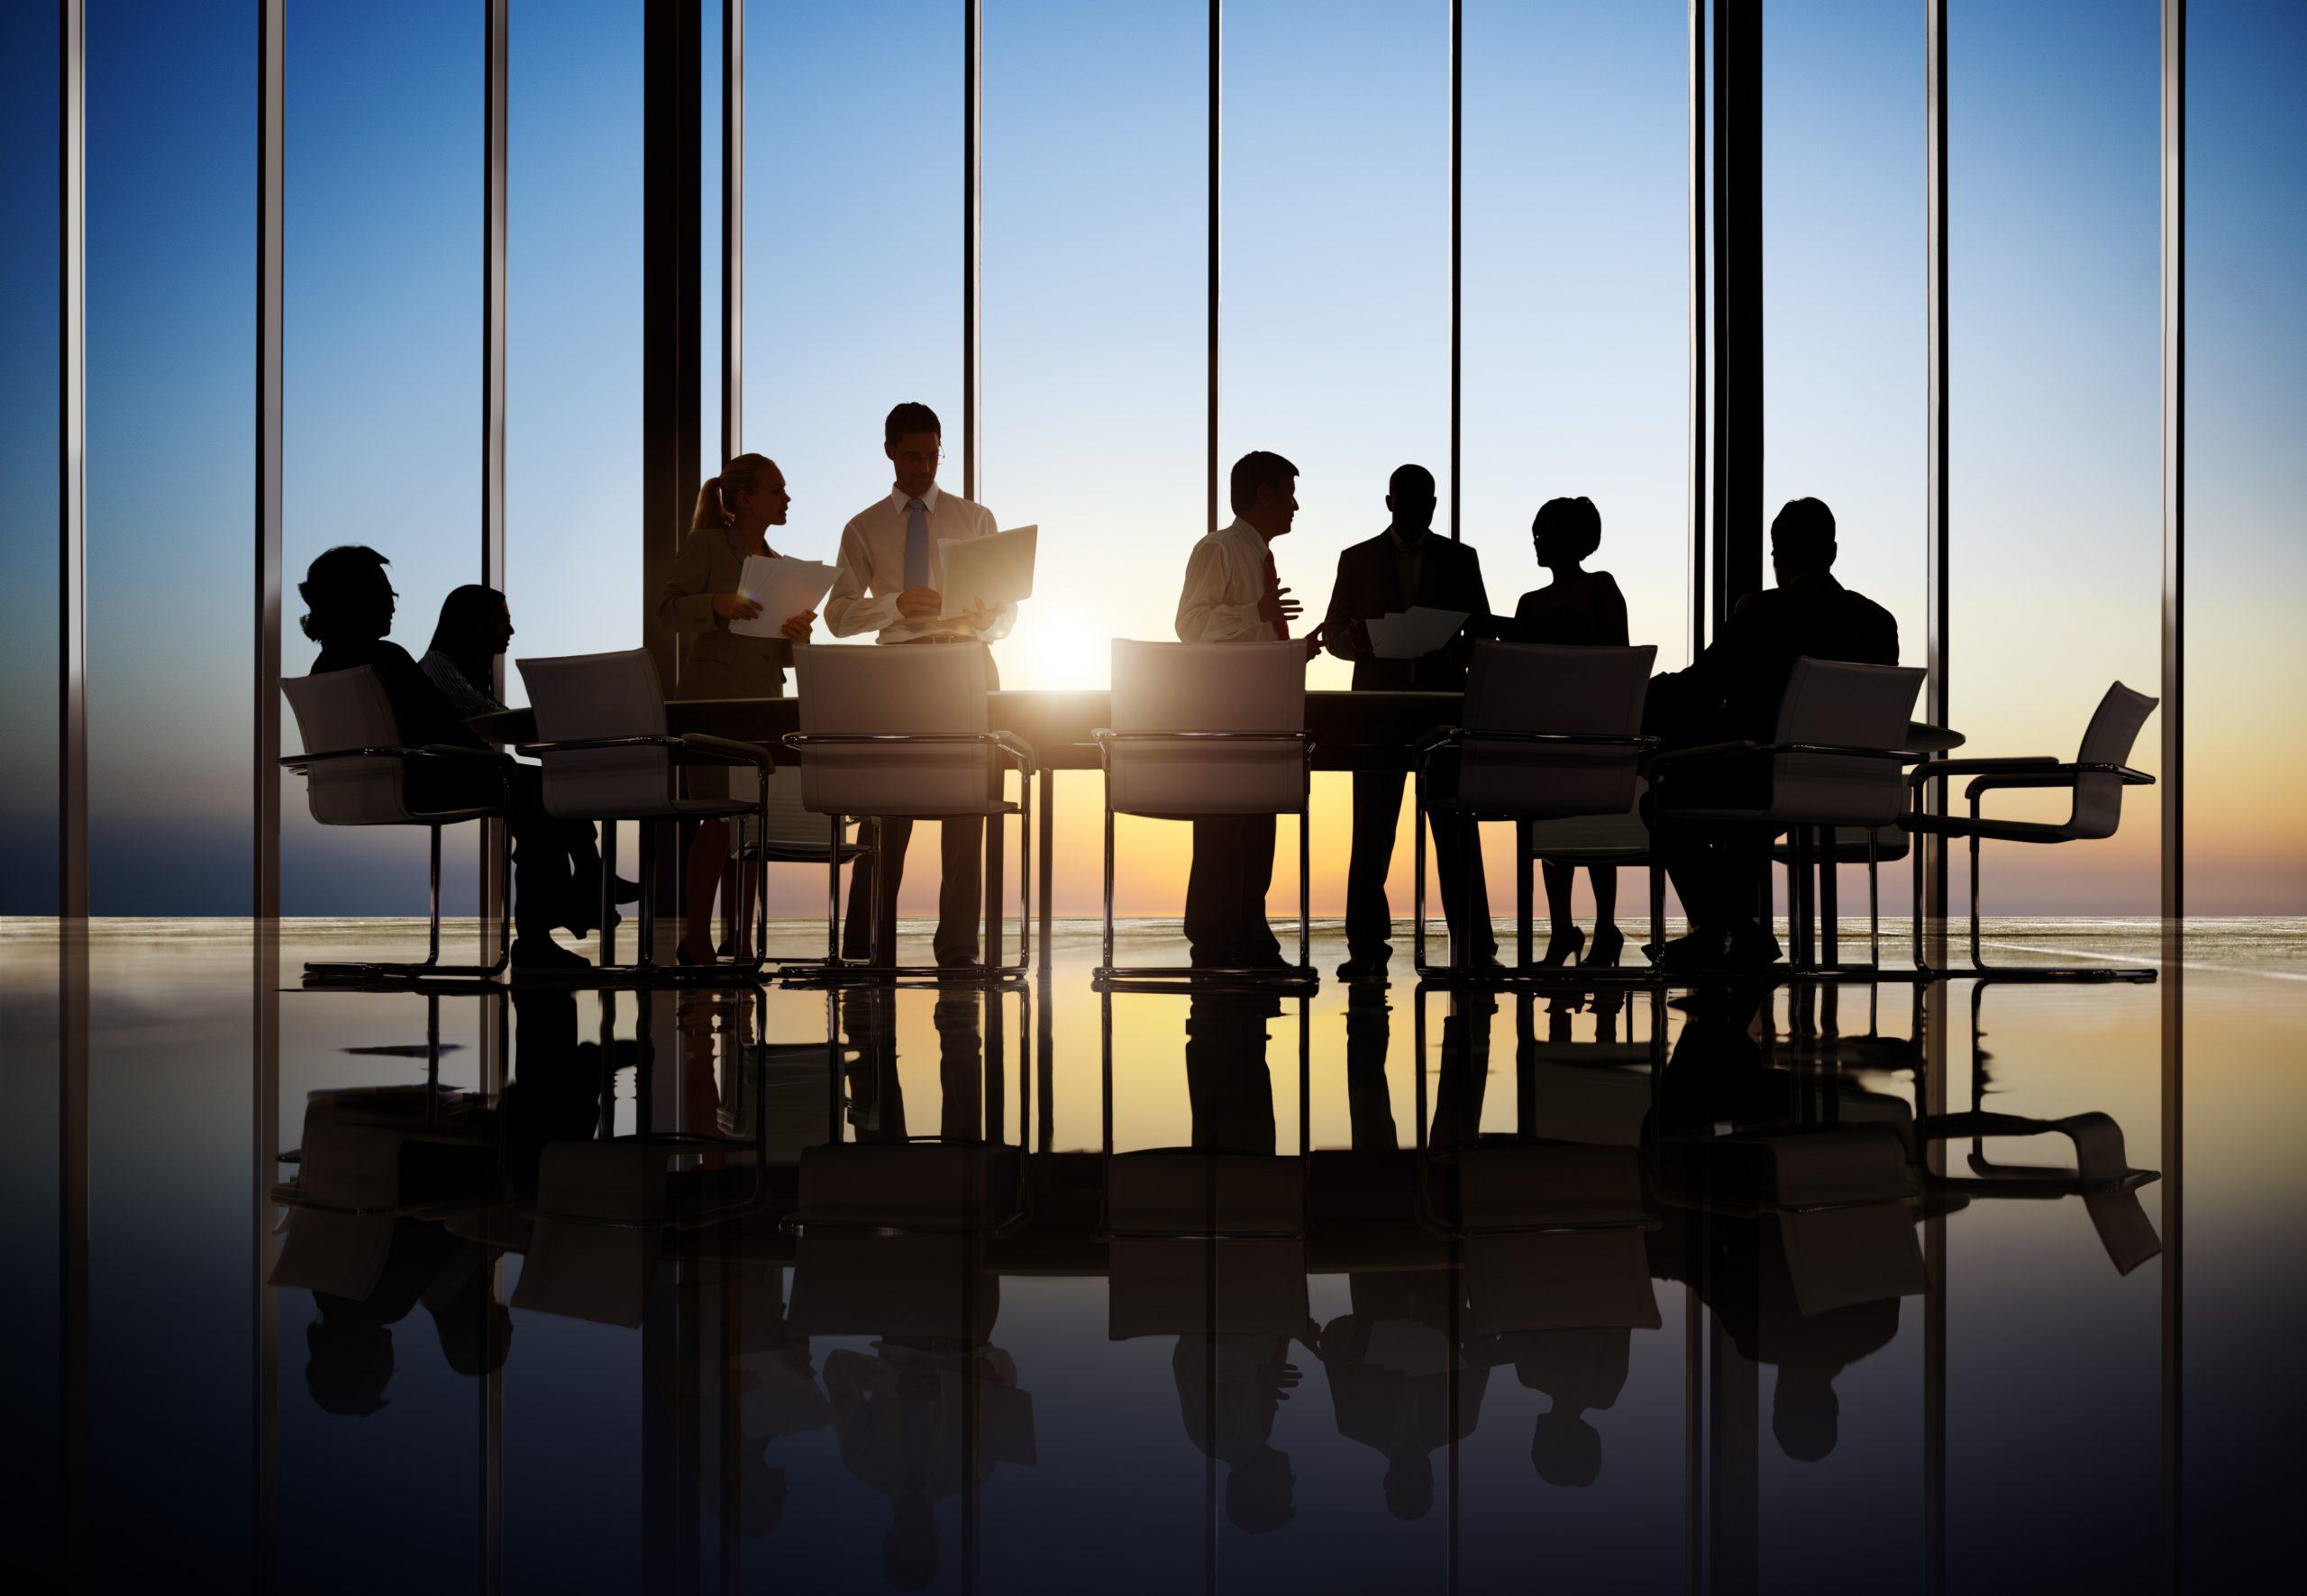 תמונה של אנשי עסקים ברקע של שקיעה